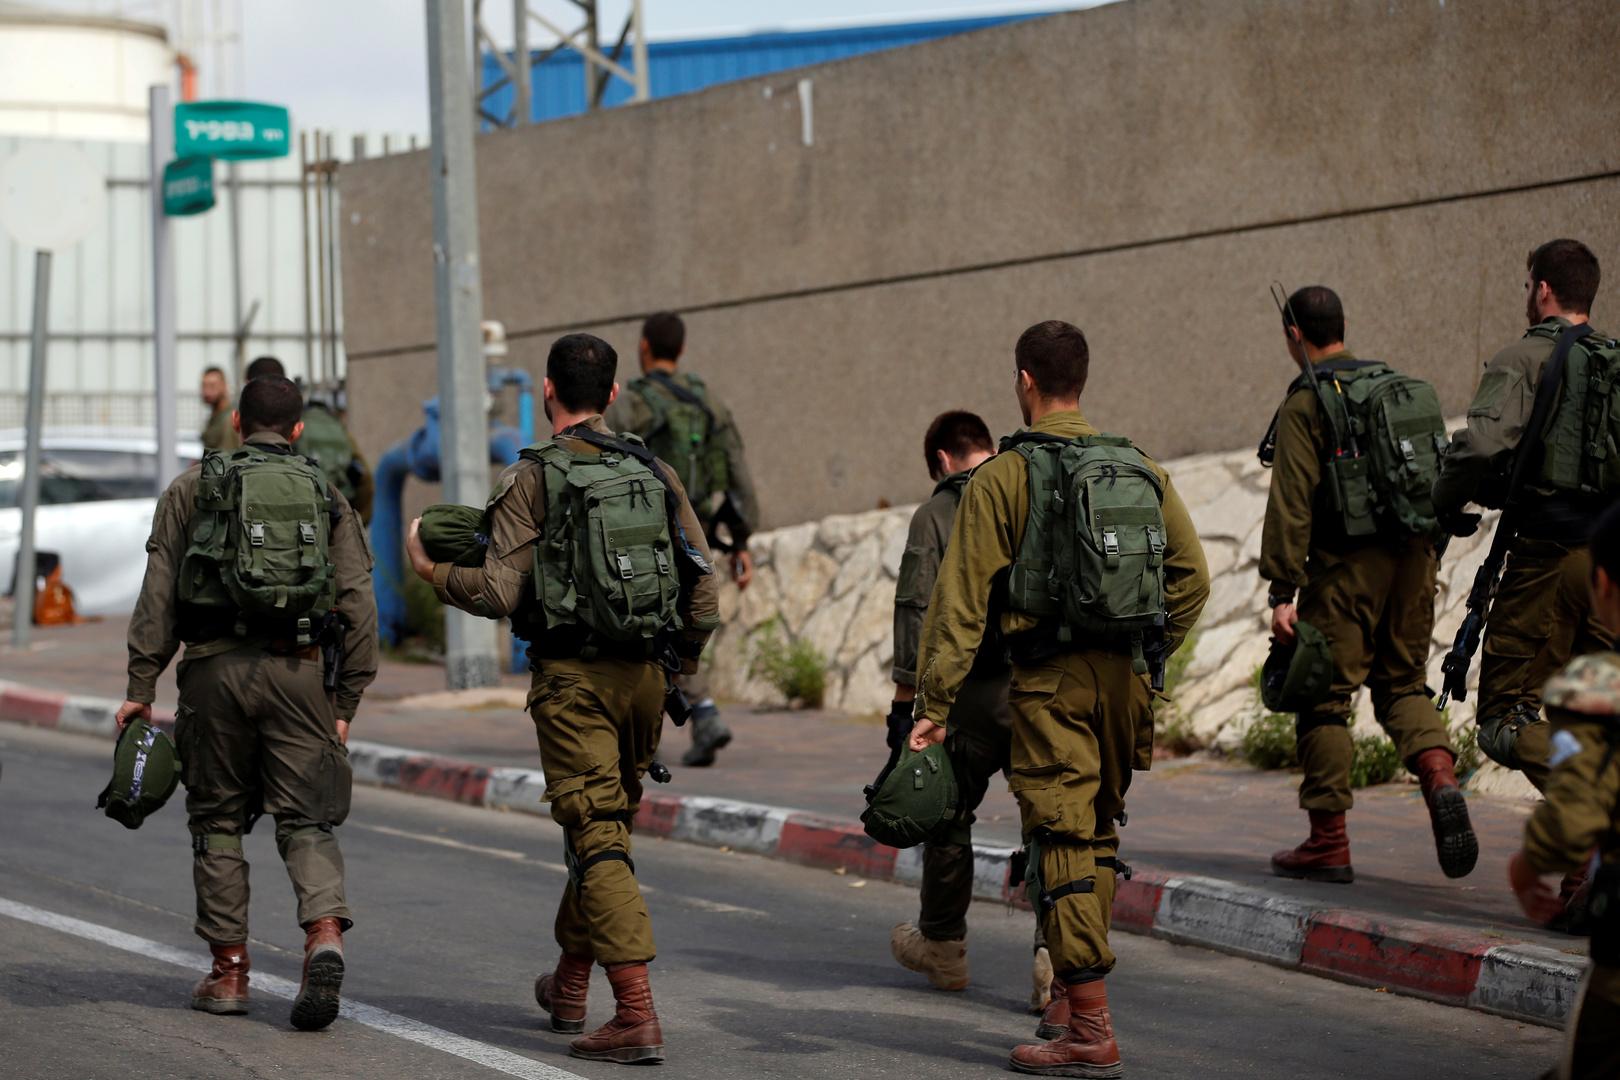 7 إسرائيليين يعتدون على مسن فلسطيني بمسجد في هرتسليا